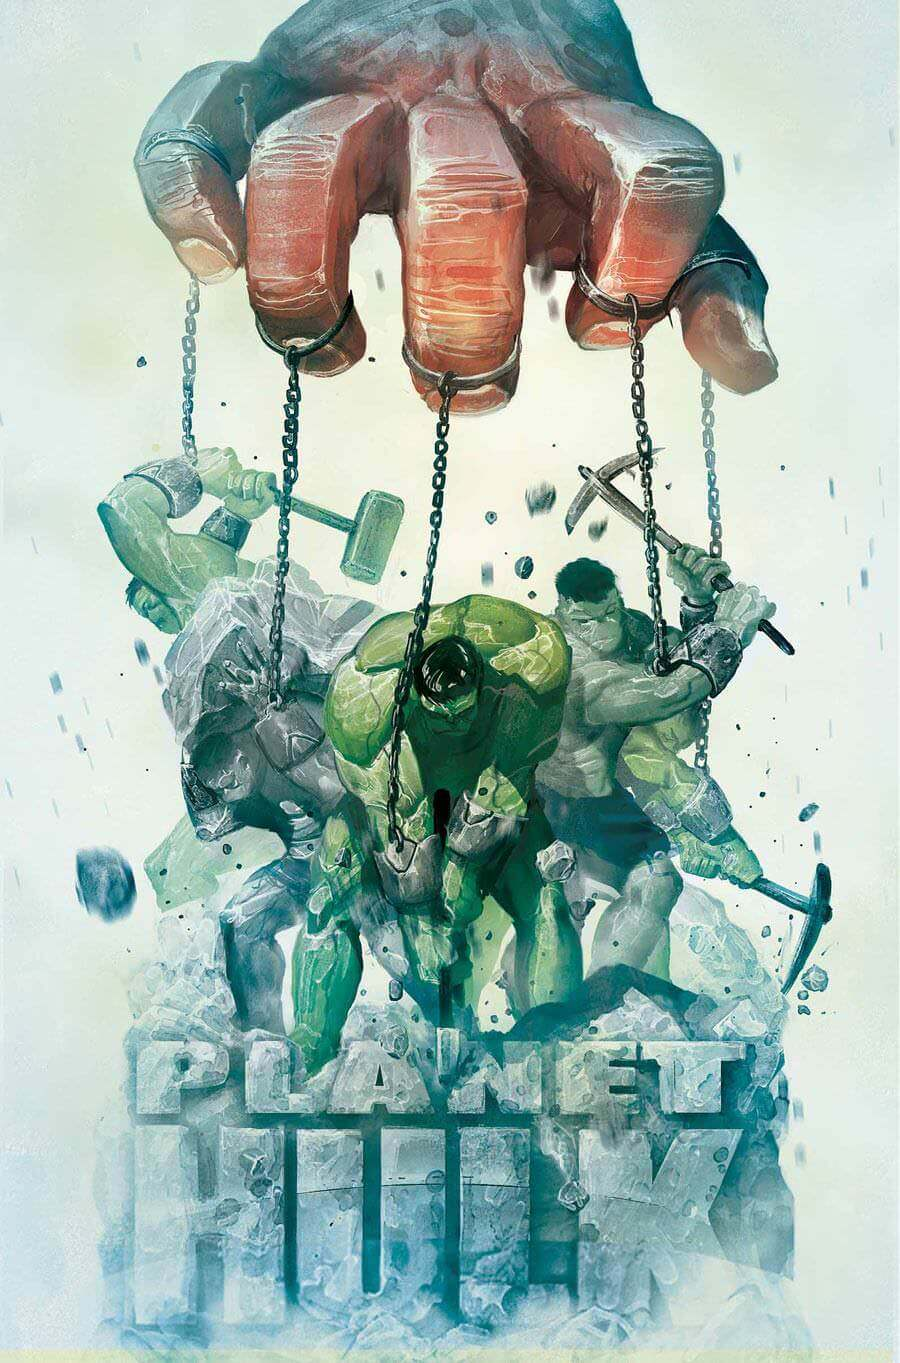 Mike Del Mundo comic book designs 11 (1)